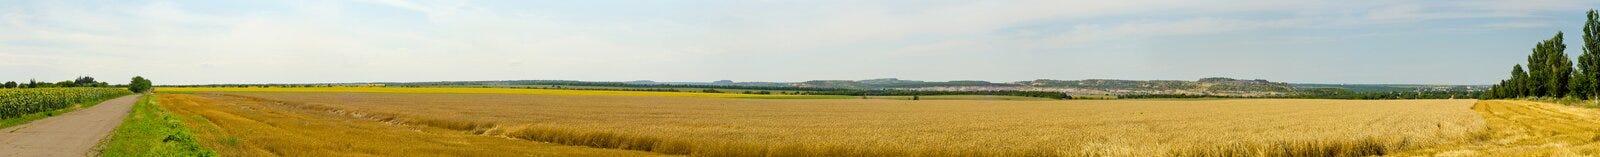 Панорама пшеничного поля Стоковые Изображения RF